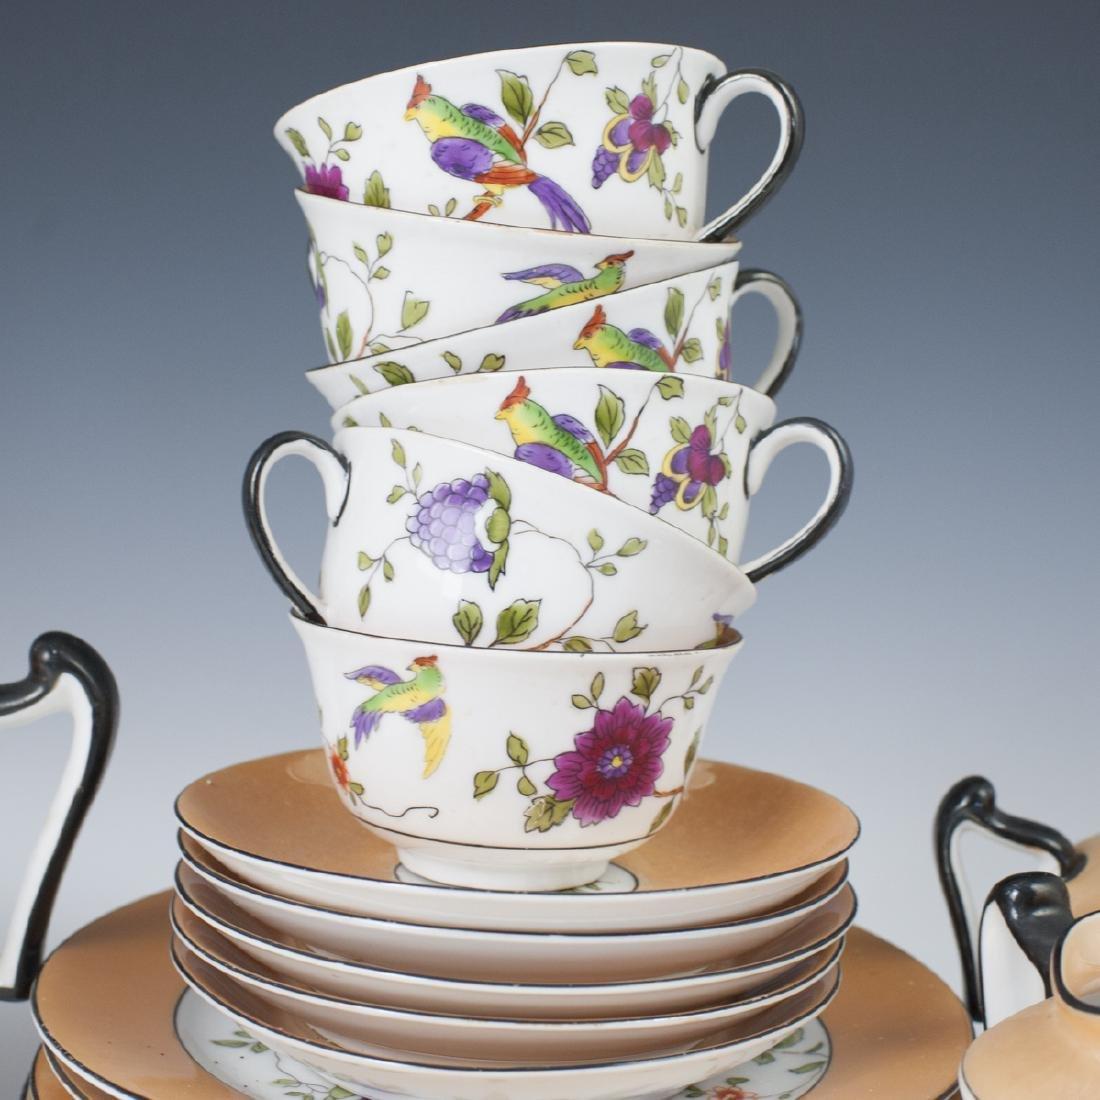 Noritake Porcelain Set - 2